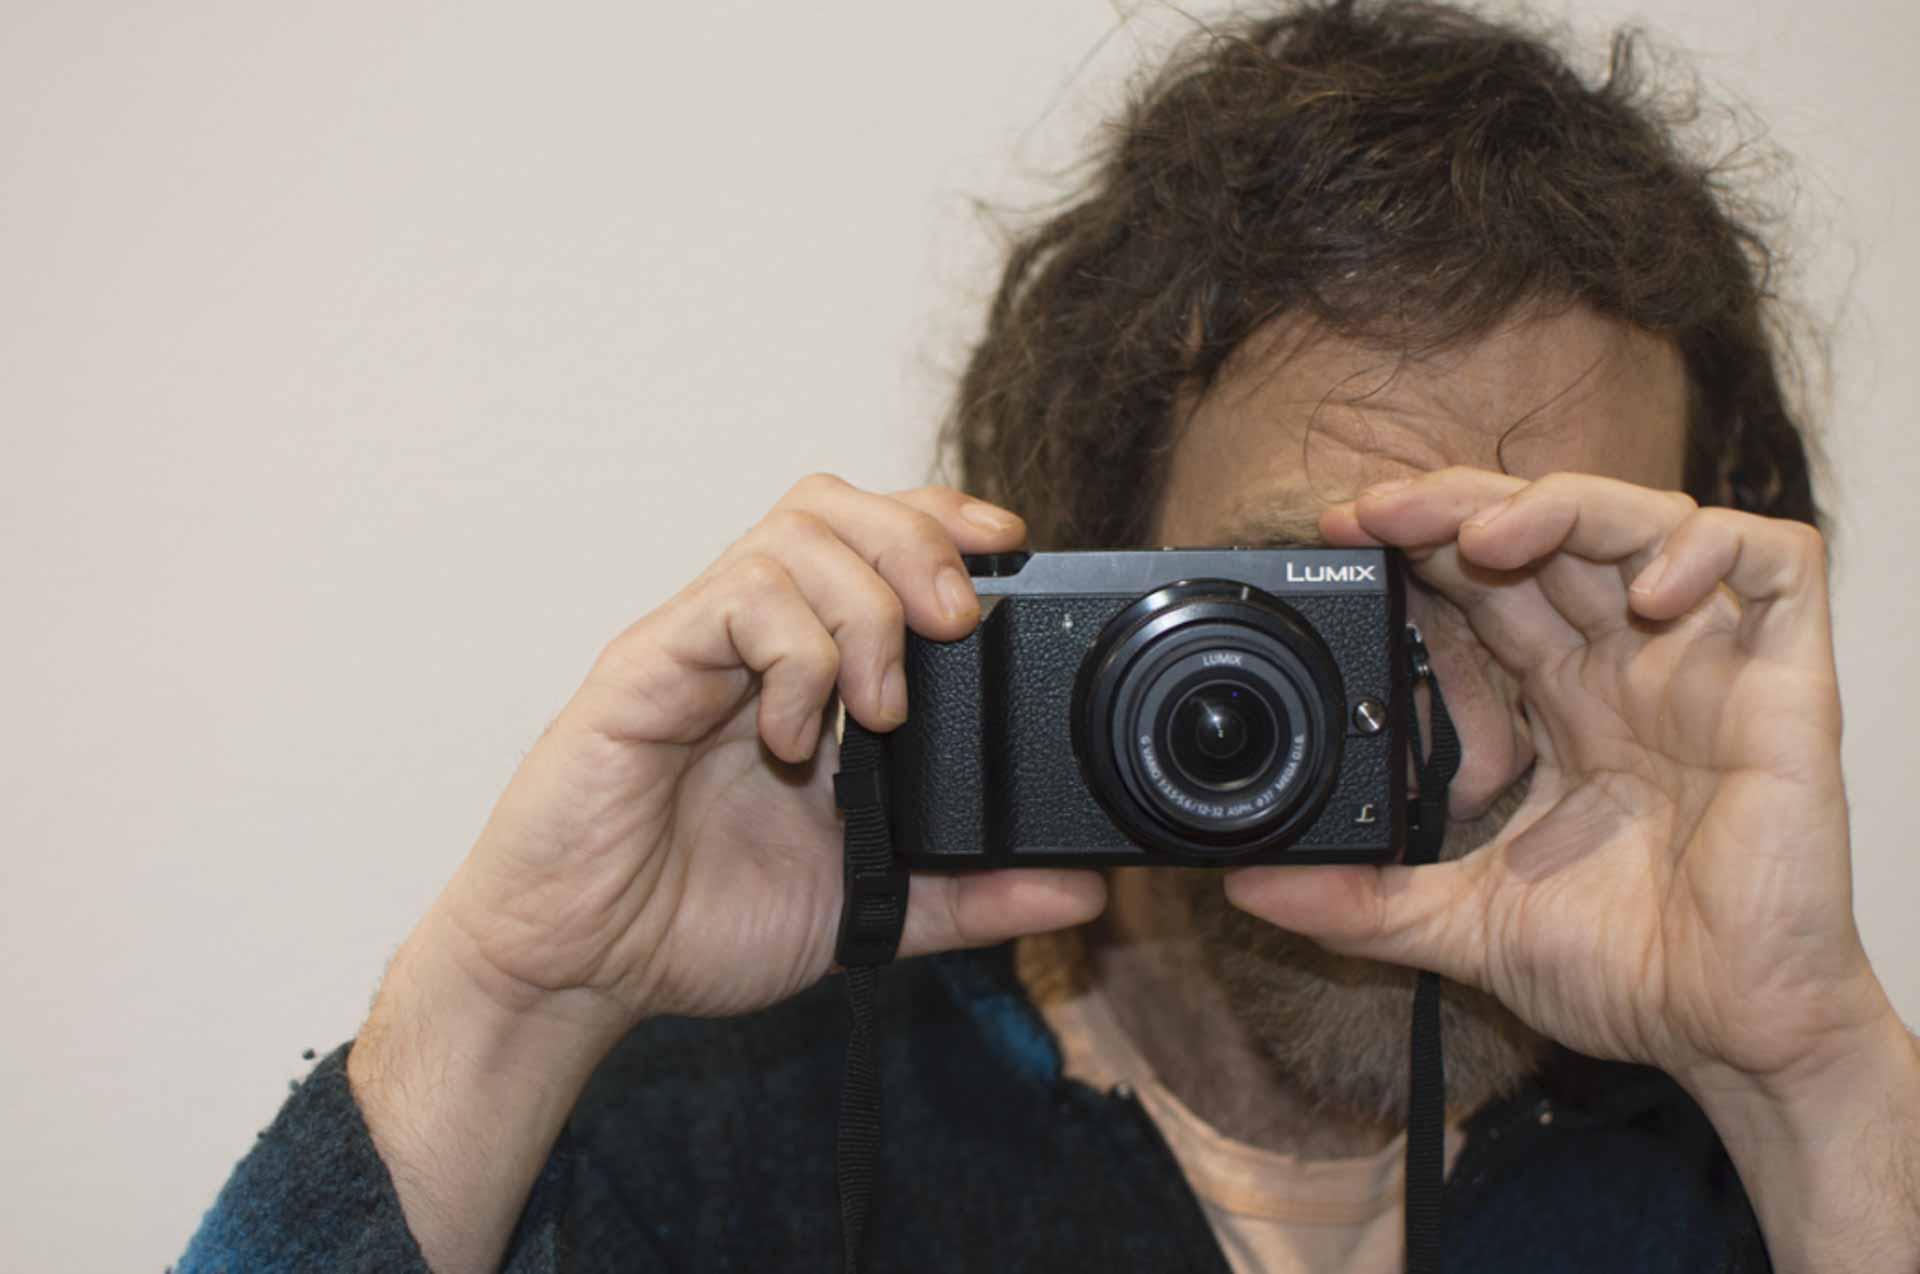 come impugnare la fotocamera